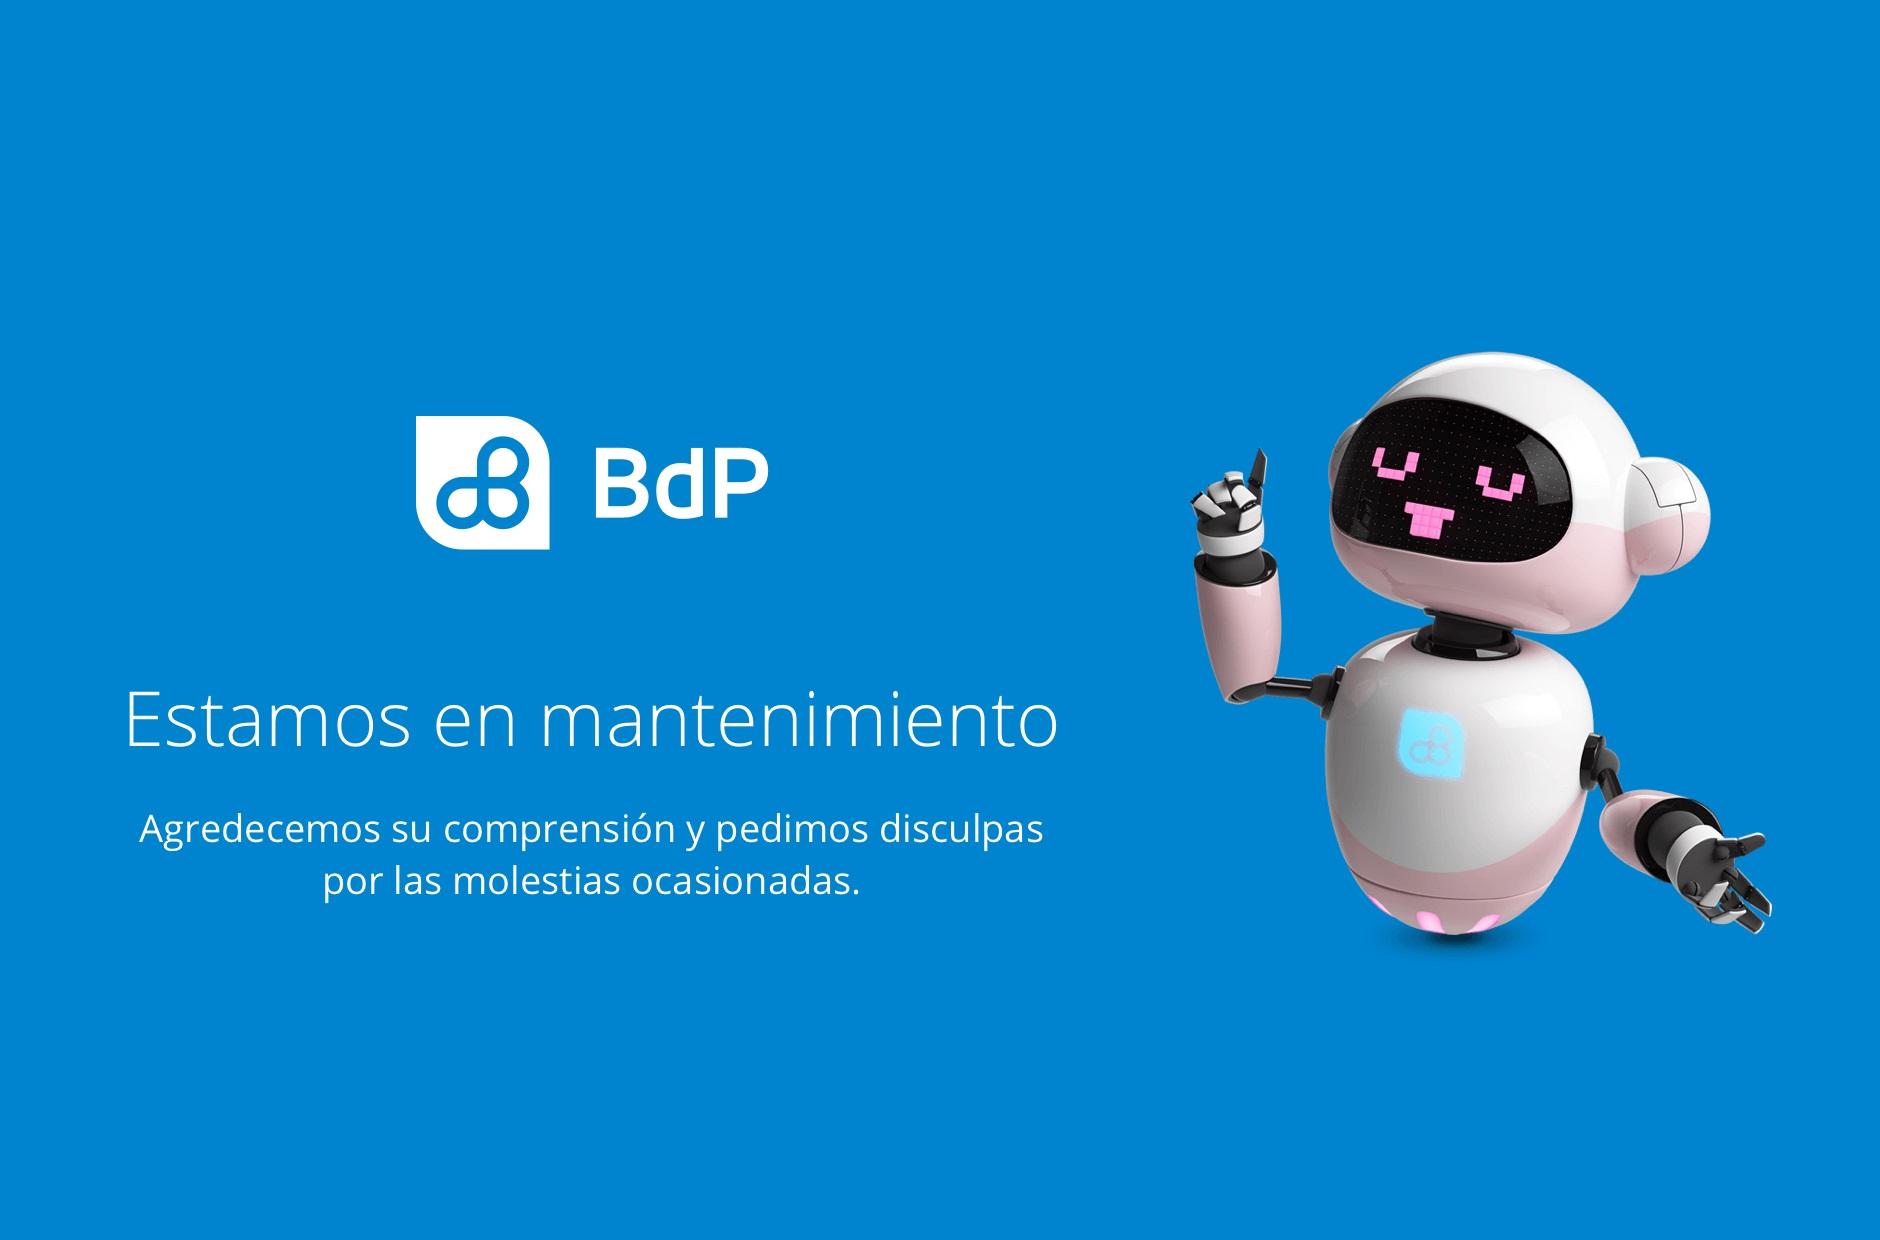 https://www.bancodelpacifico.com:443/que-necesitas/soluciones/soluciones-para-empresas/corporacion-y-gobierno